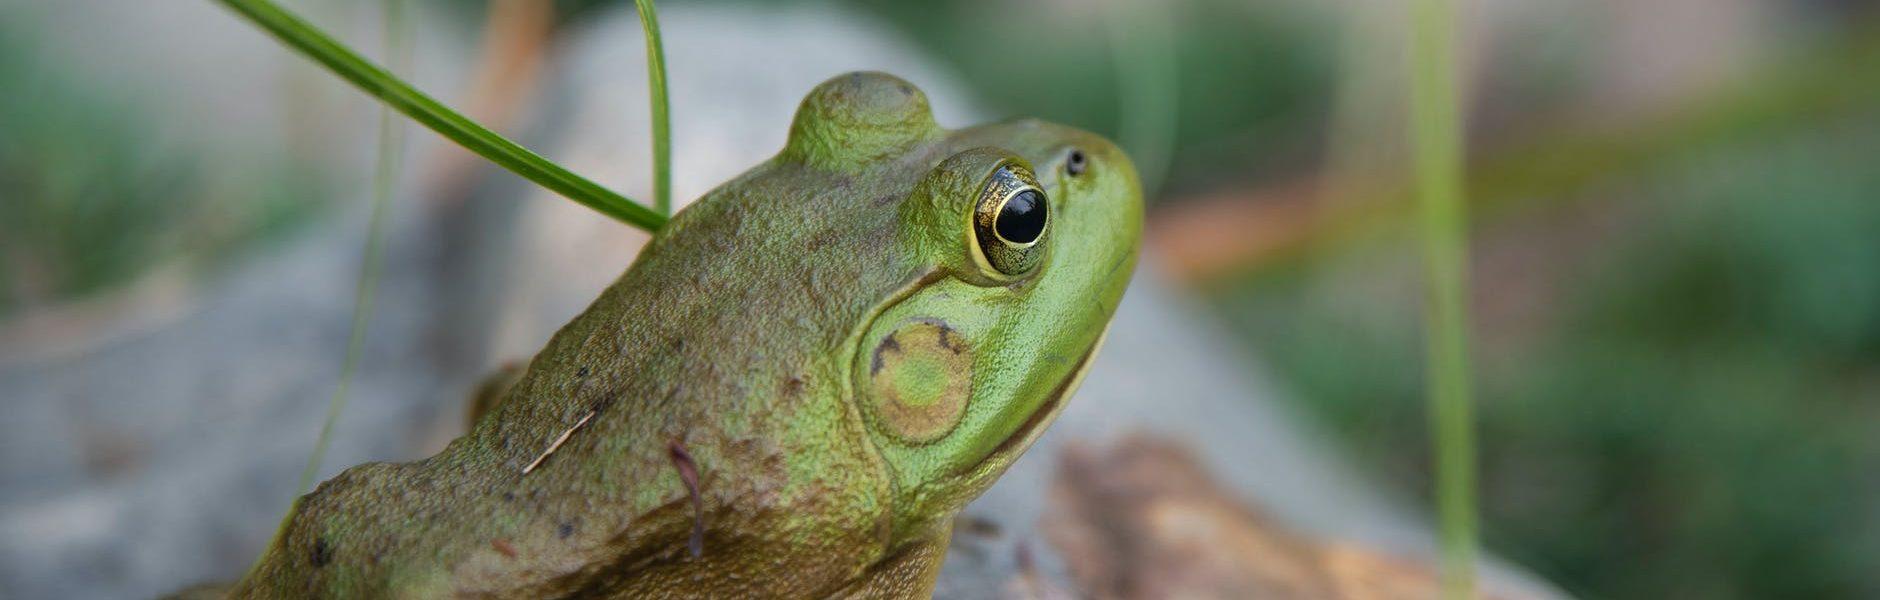 czy żaba ma zęby